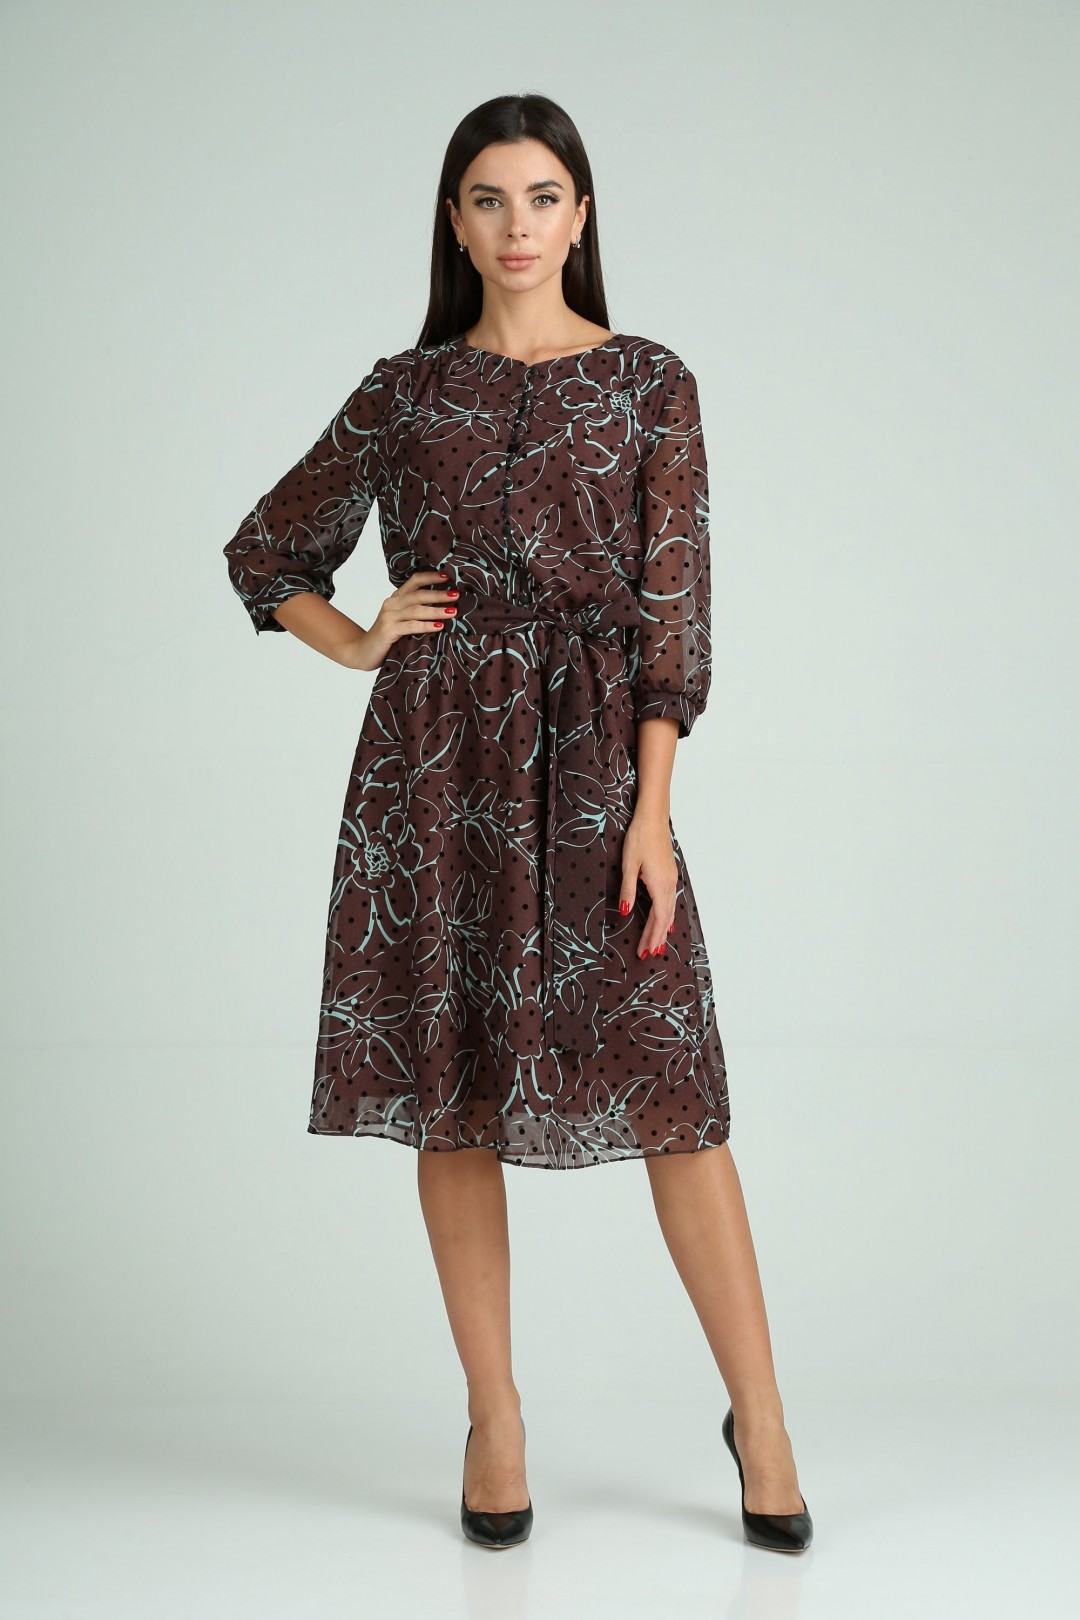 Платье Мода-Версаль 2318 коричневый